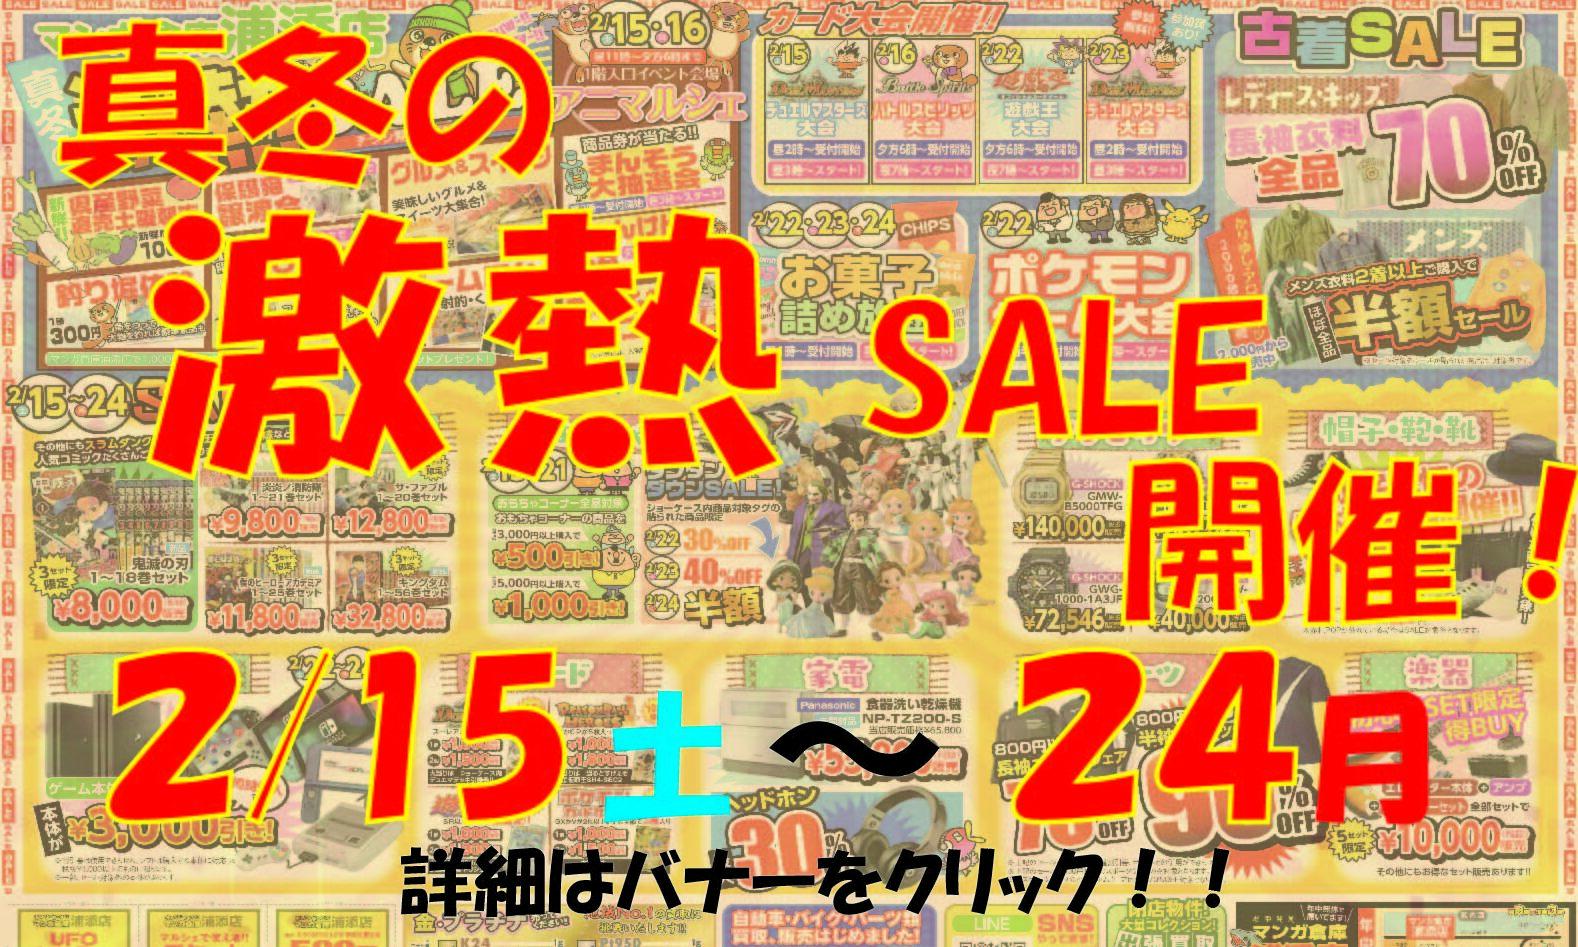 【2月SALE】真冬の激熱SALE開催!!2月15日(土)~24日(月祝)